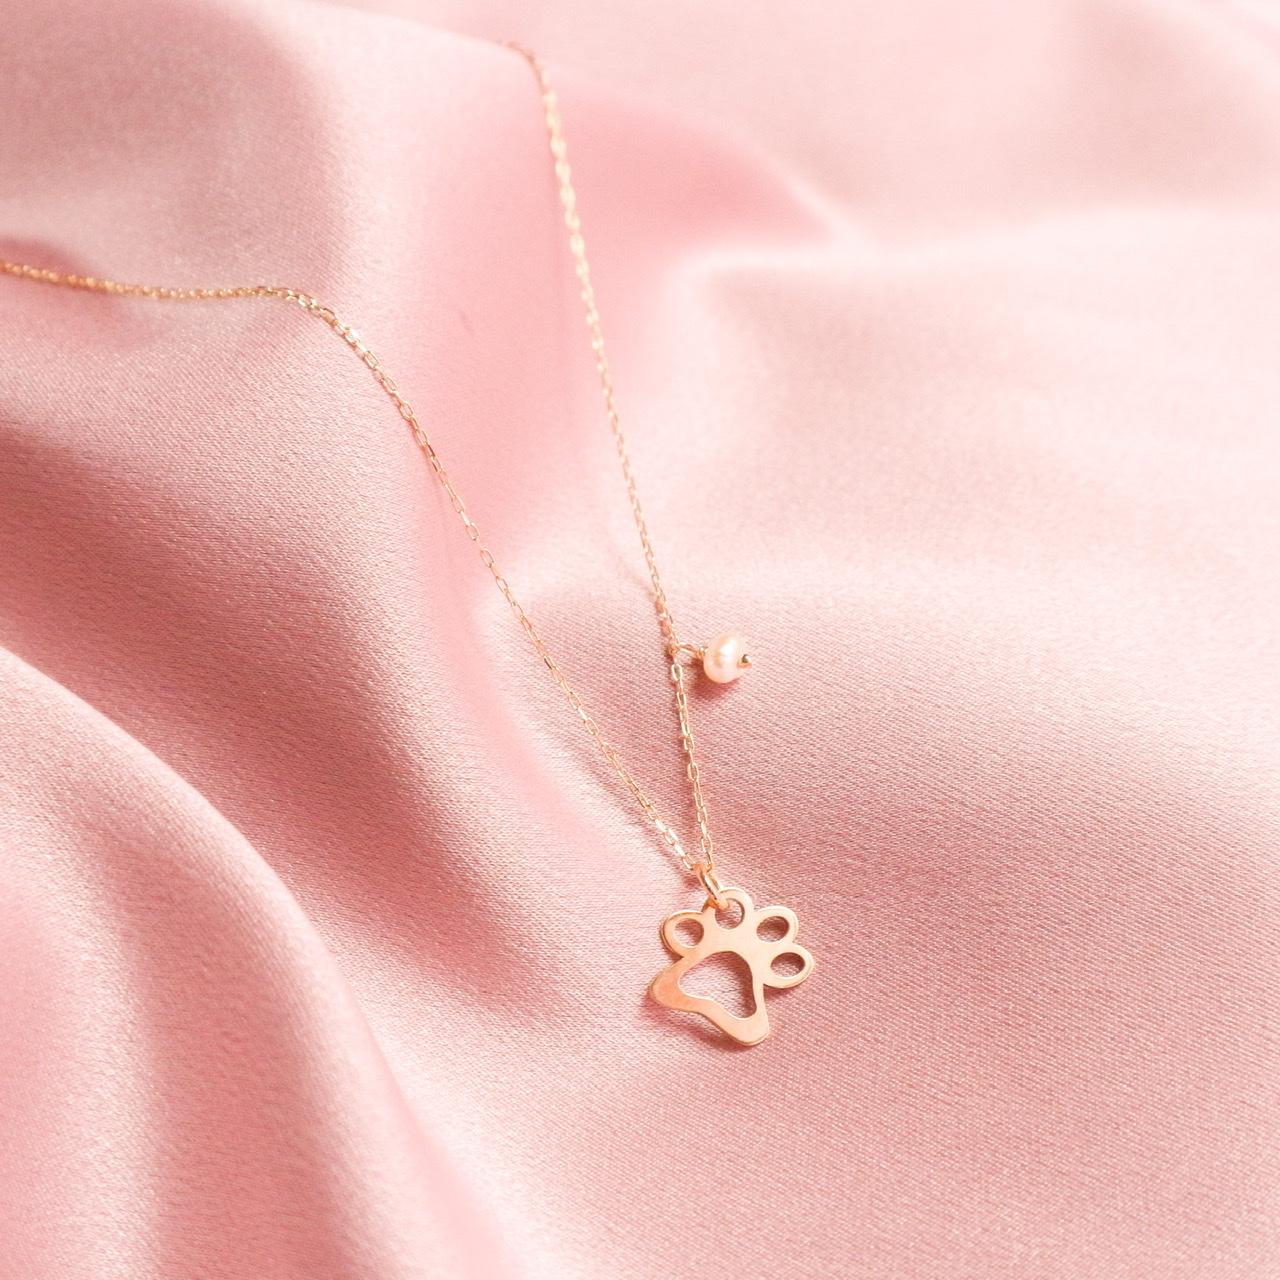 Sticky necklaces